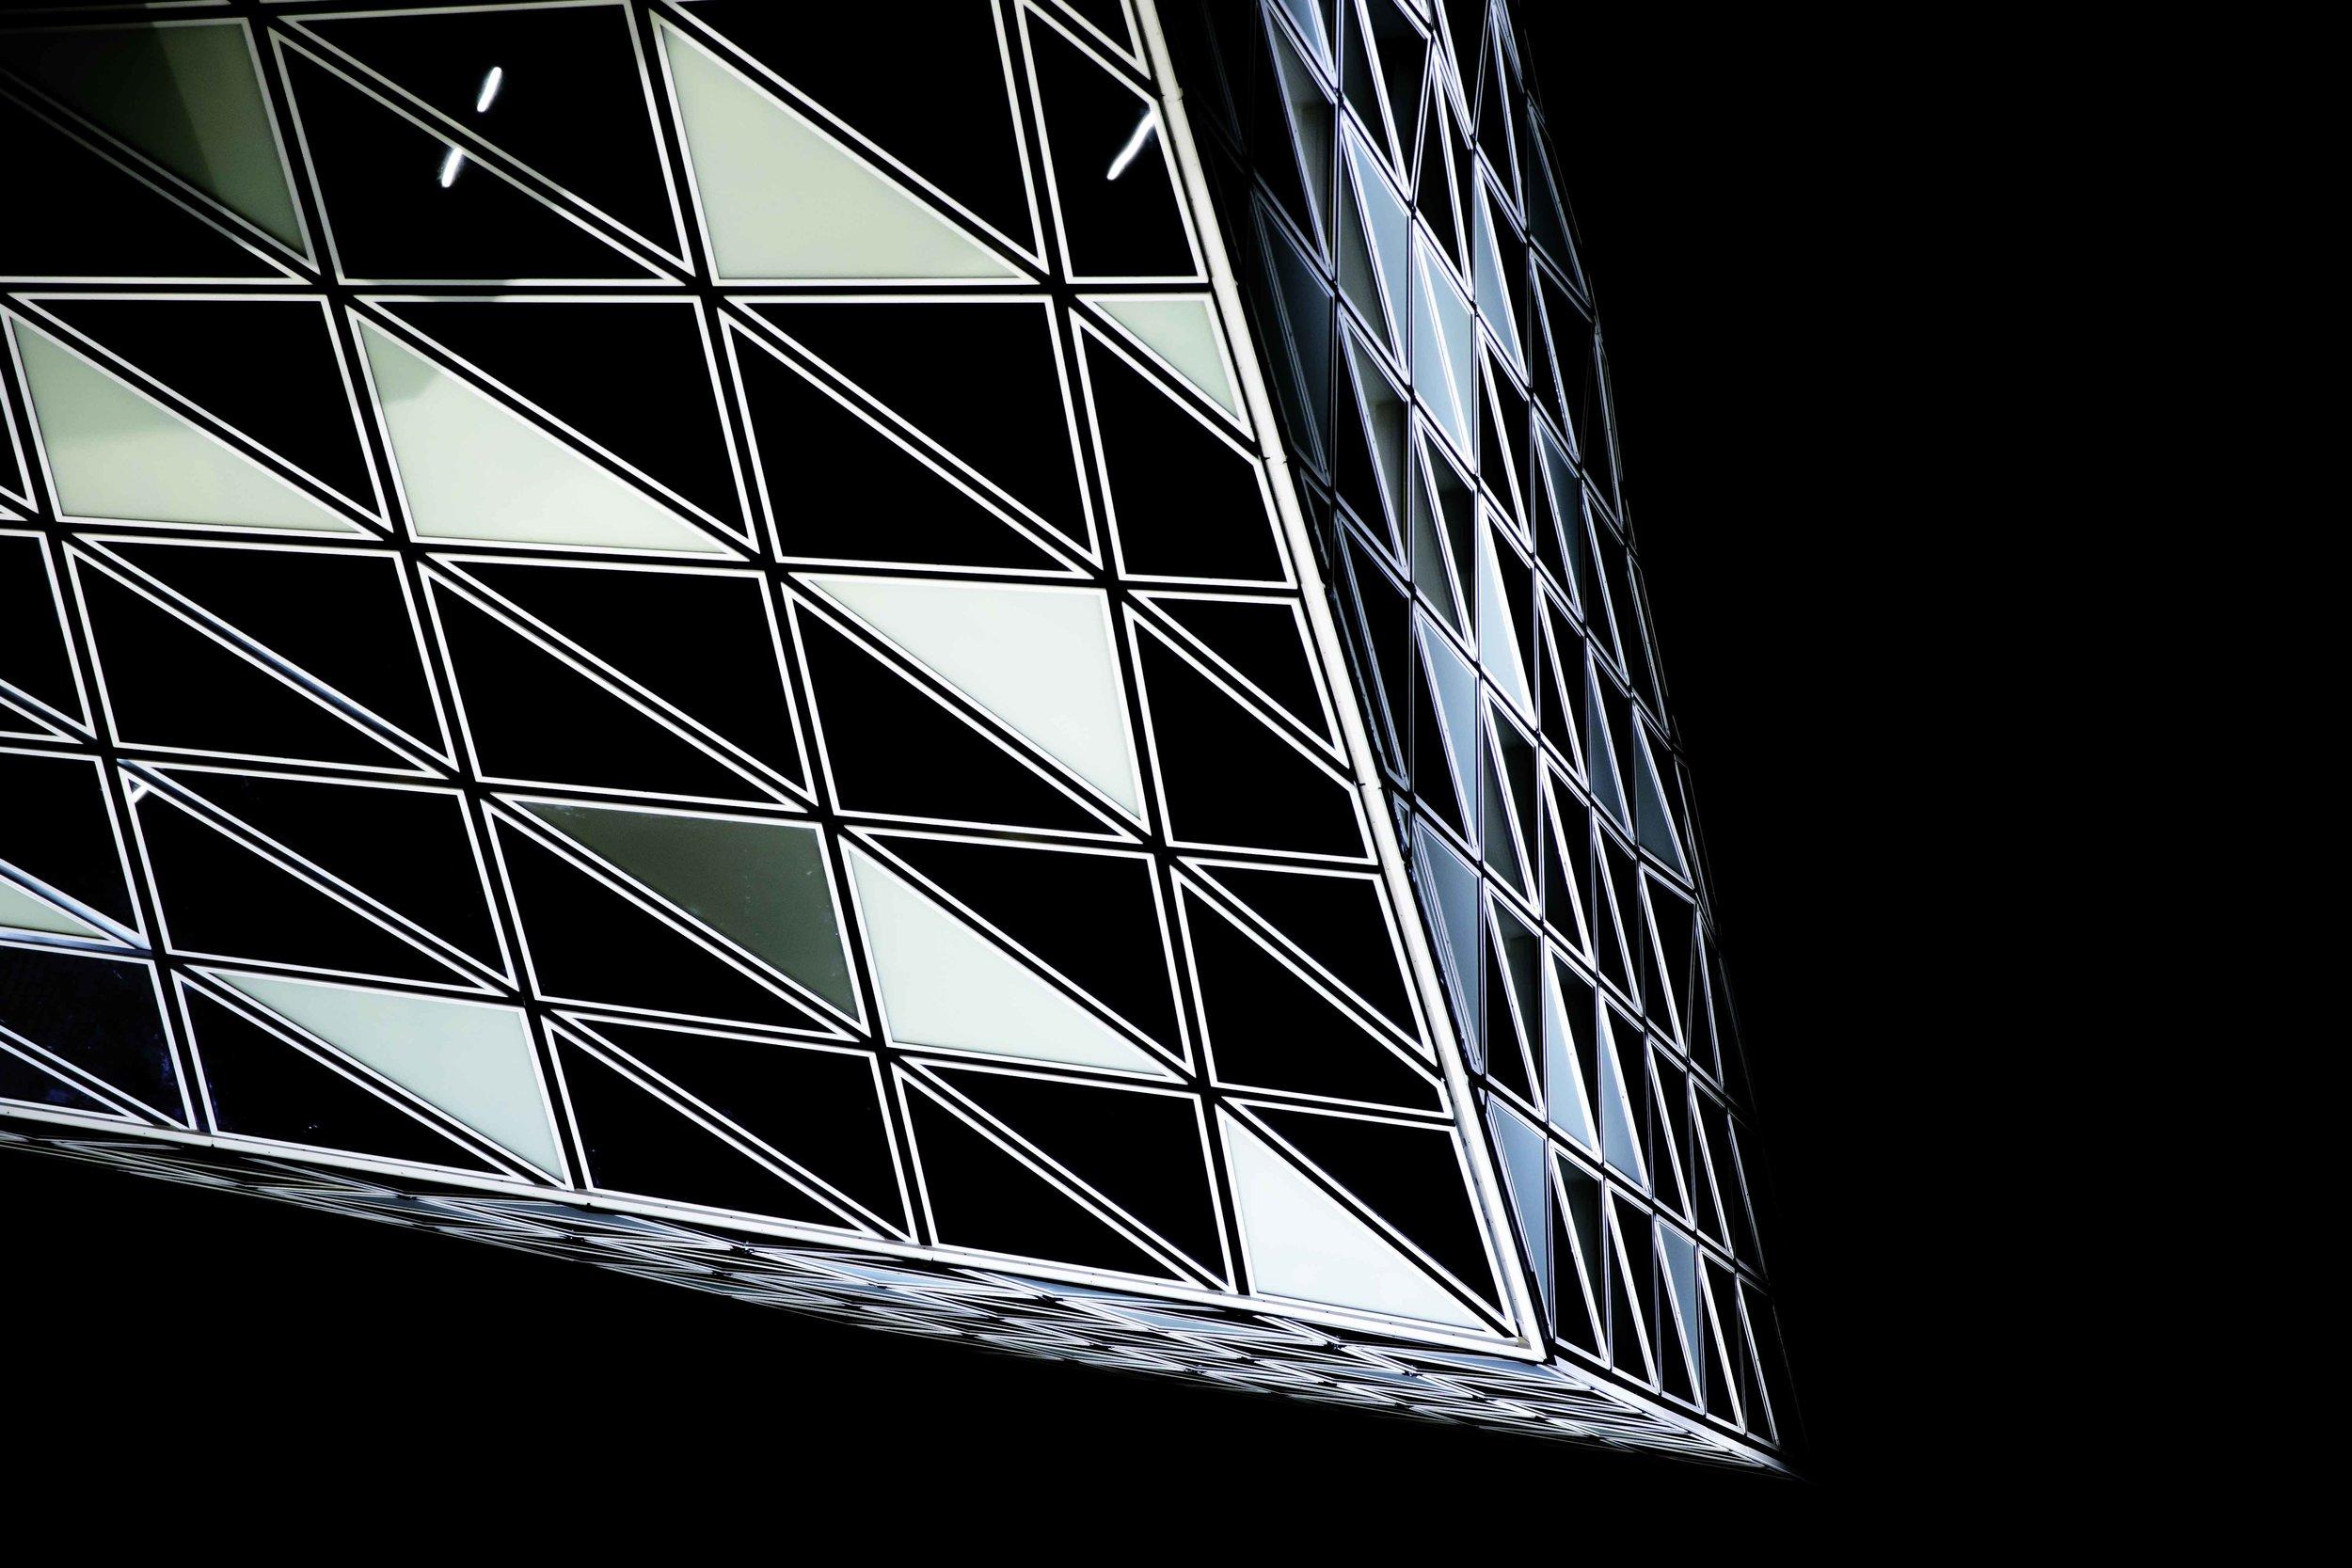 viewfinder-havenhuis-van-antwerpen-nog-anders-bekeken-details-structuren-1